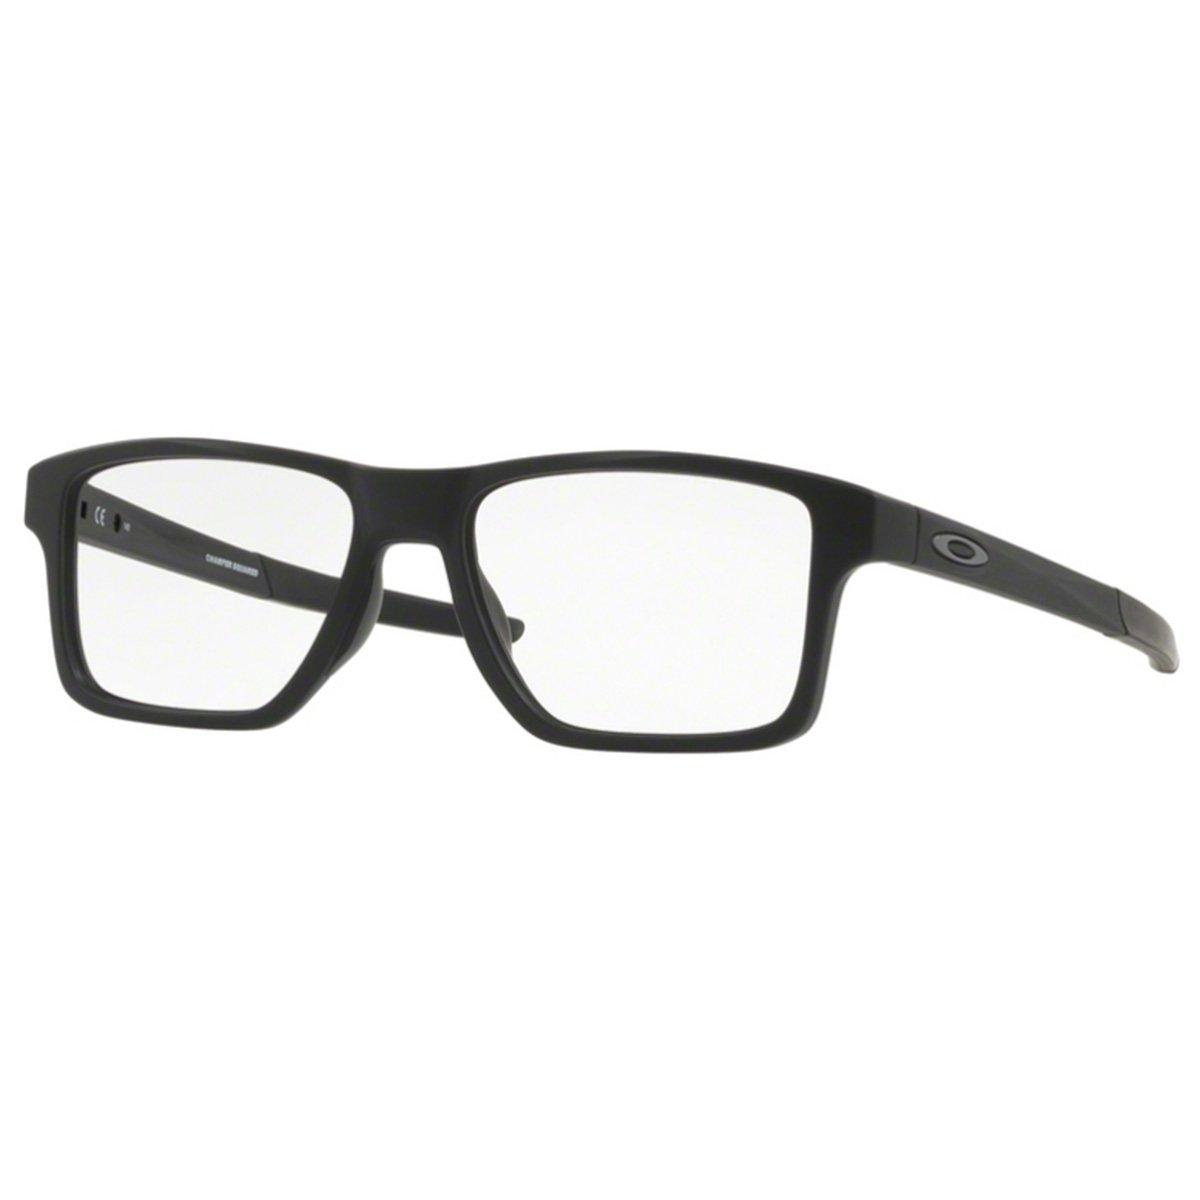 Compre Óculos de Grau Oakley Chamfer Squared em 10X   Tri-Jóia Shop 101911c6e1